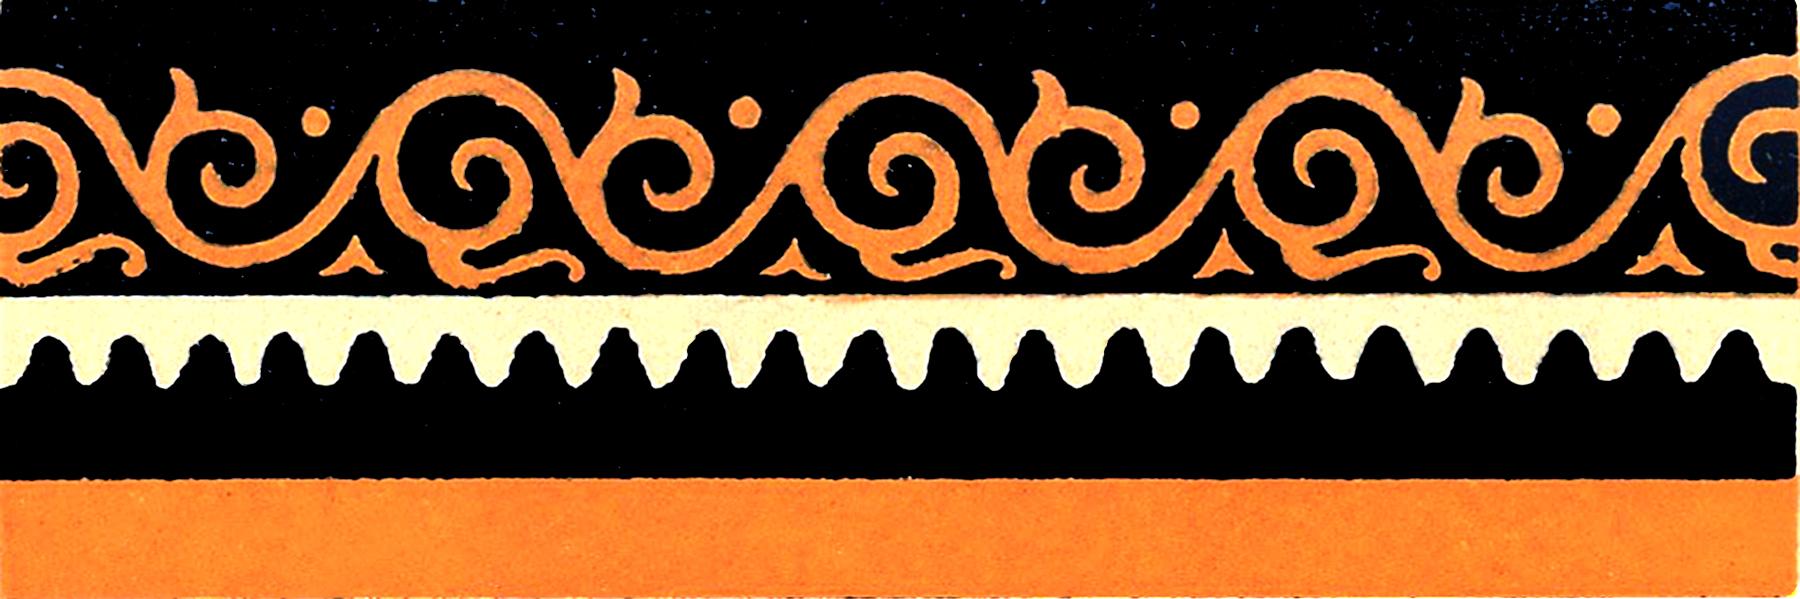 Vintage Retro Graphic Designs